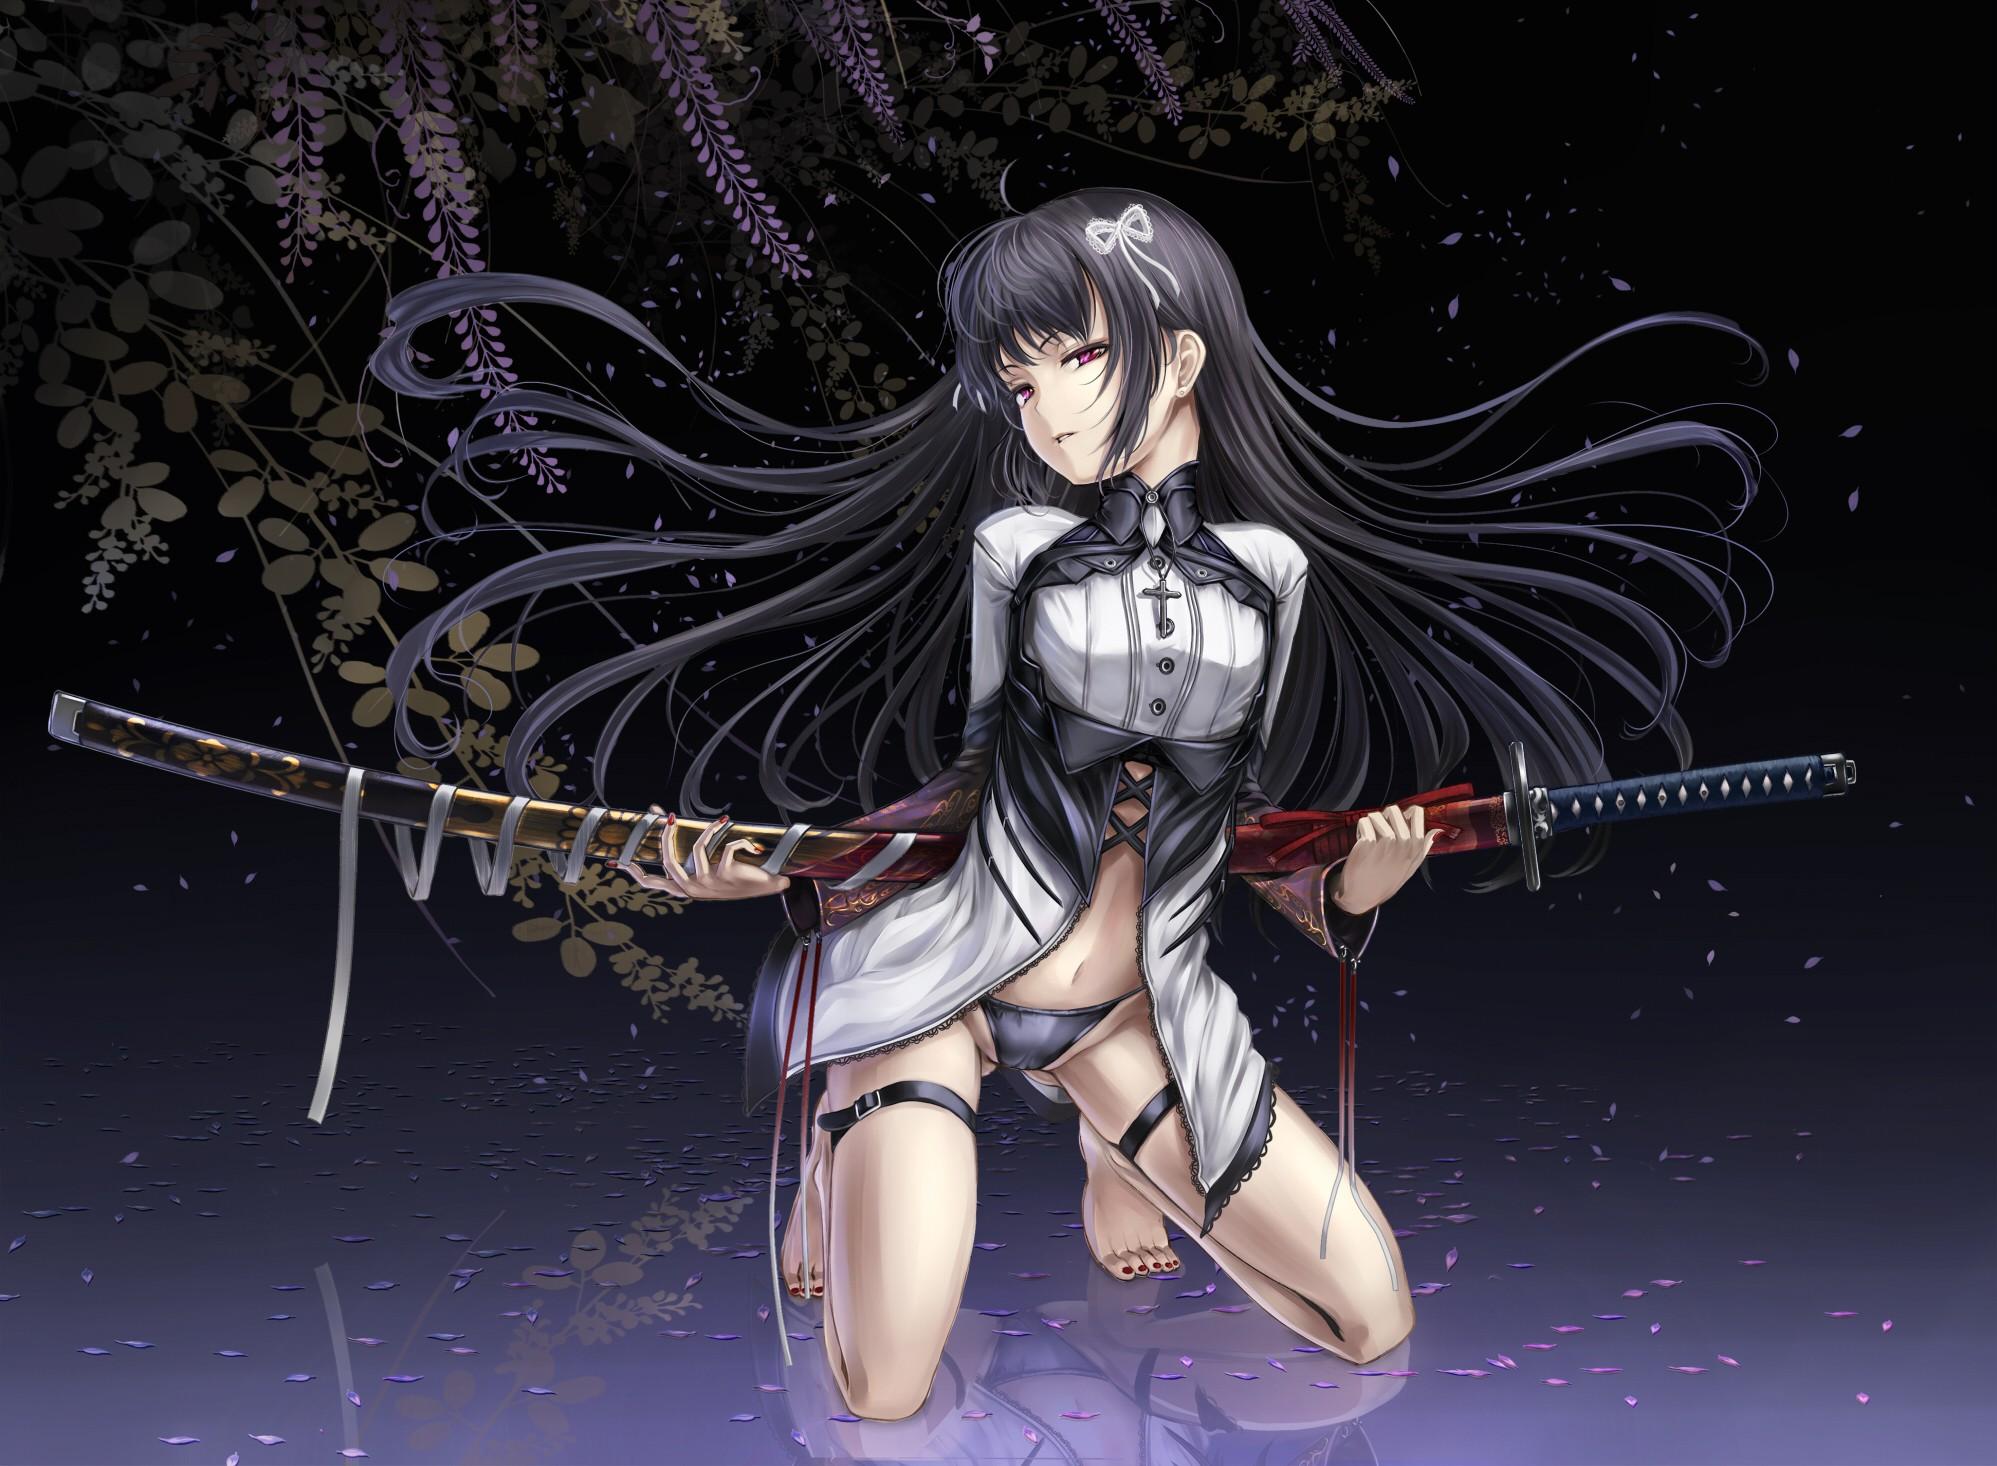 Wallpaper Illustration Anime Girls Black Hair Katana Red Eyes